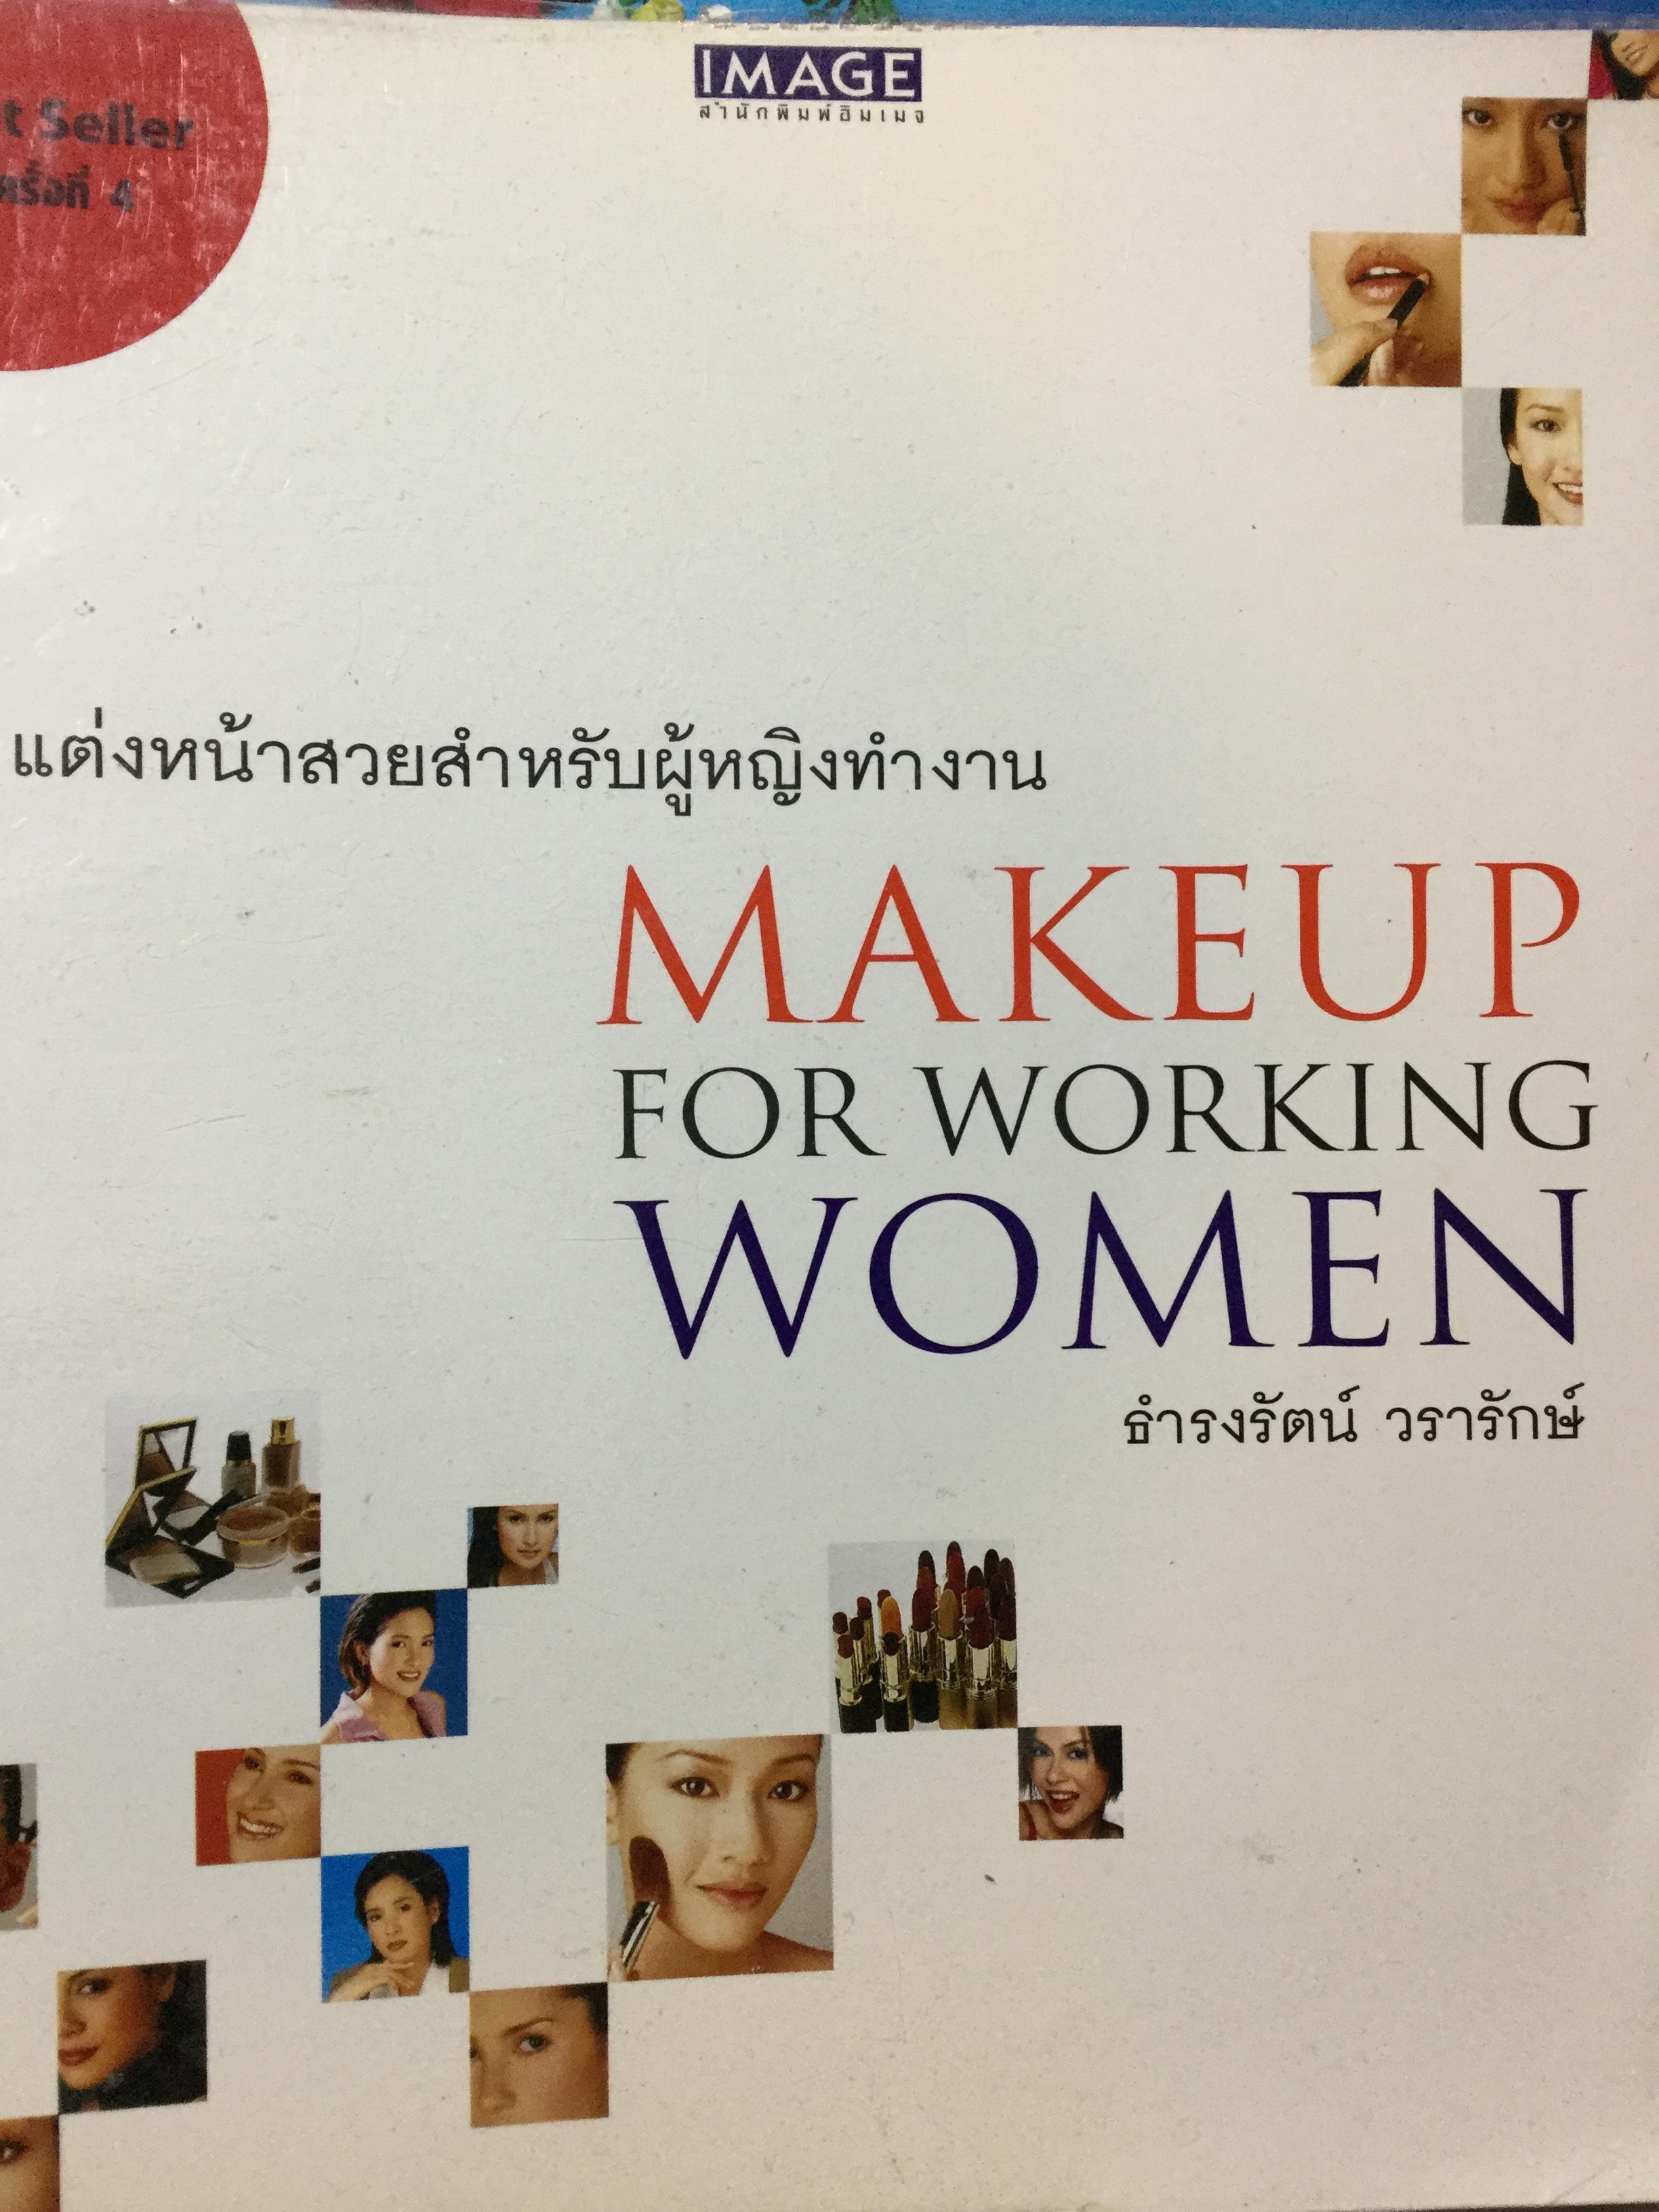 แต่งหน้าสวยสำหรับผู้หญิงทำงาน Makeup for Working Women ผู้เขียน ธำรงรัตน์ วรารักษ์